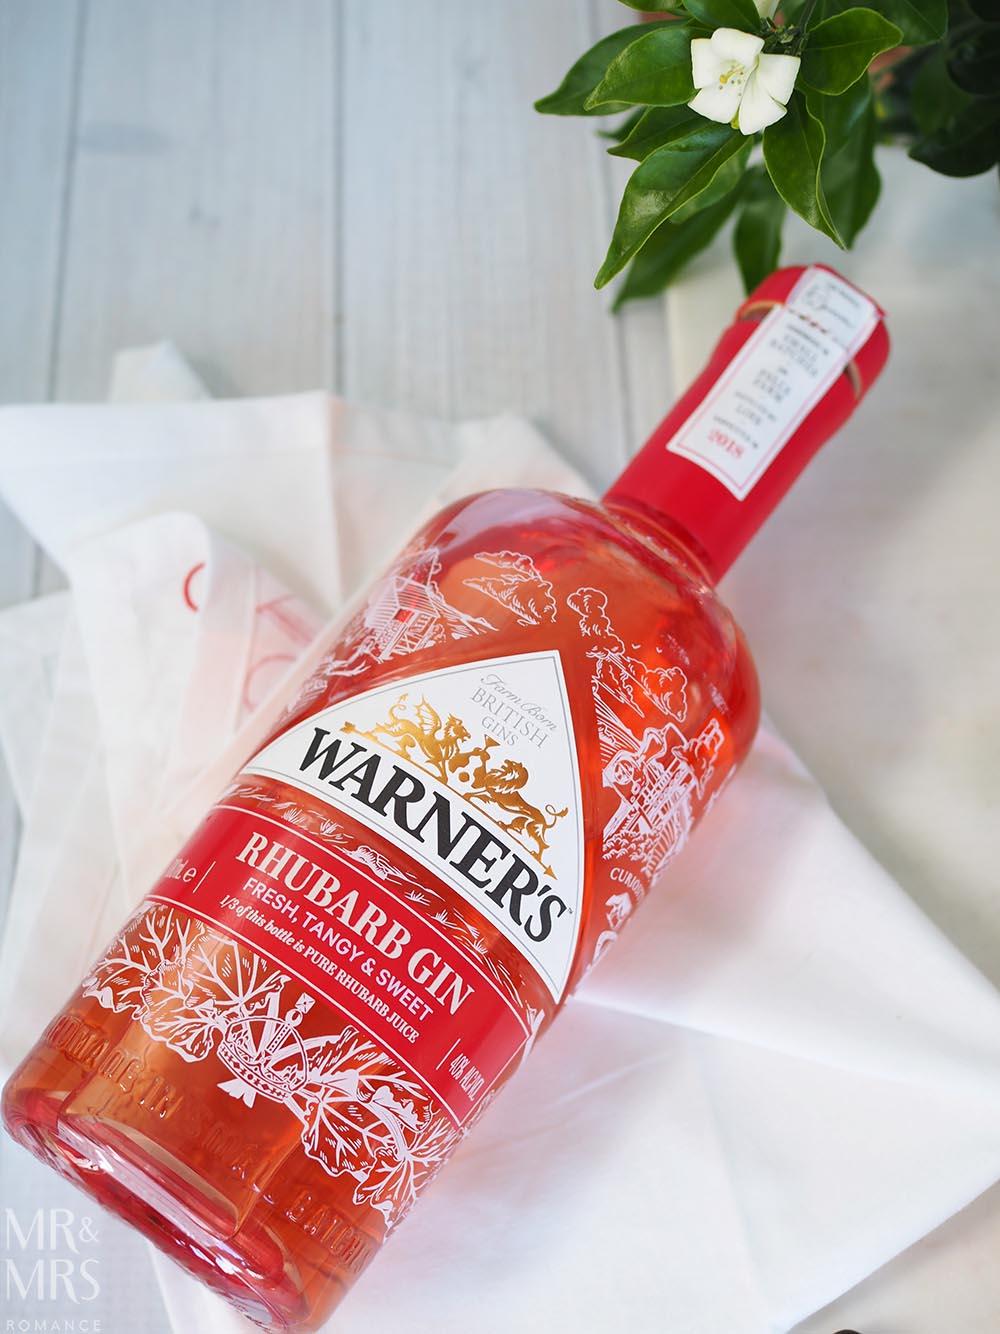 Eton mess recipe - Warner's rhubarb gin